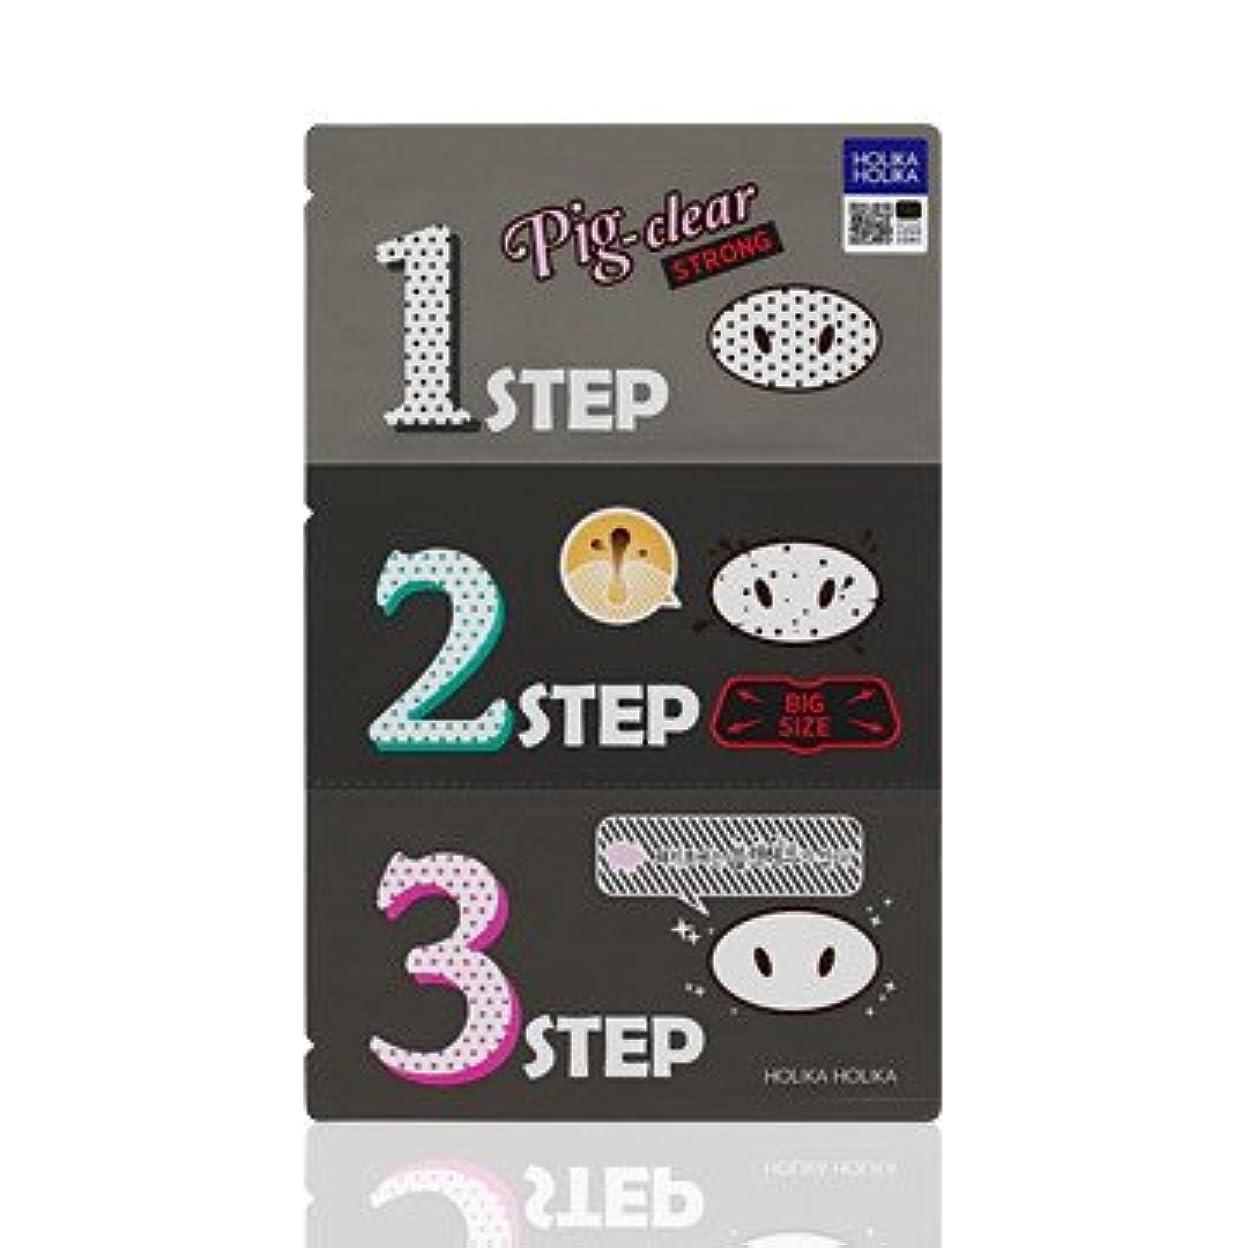 睡眠懲らしめ作物Holika Holika Pig Nose Clear Black Head 3-Step Kit 3EA